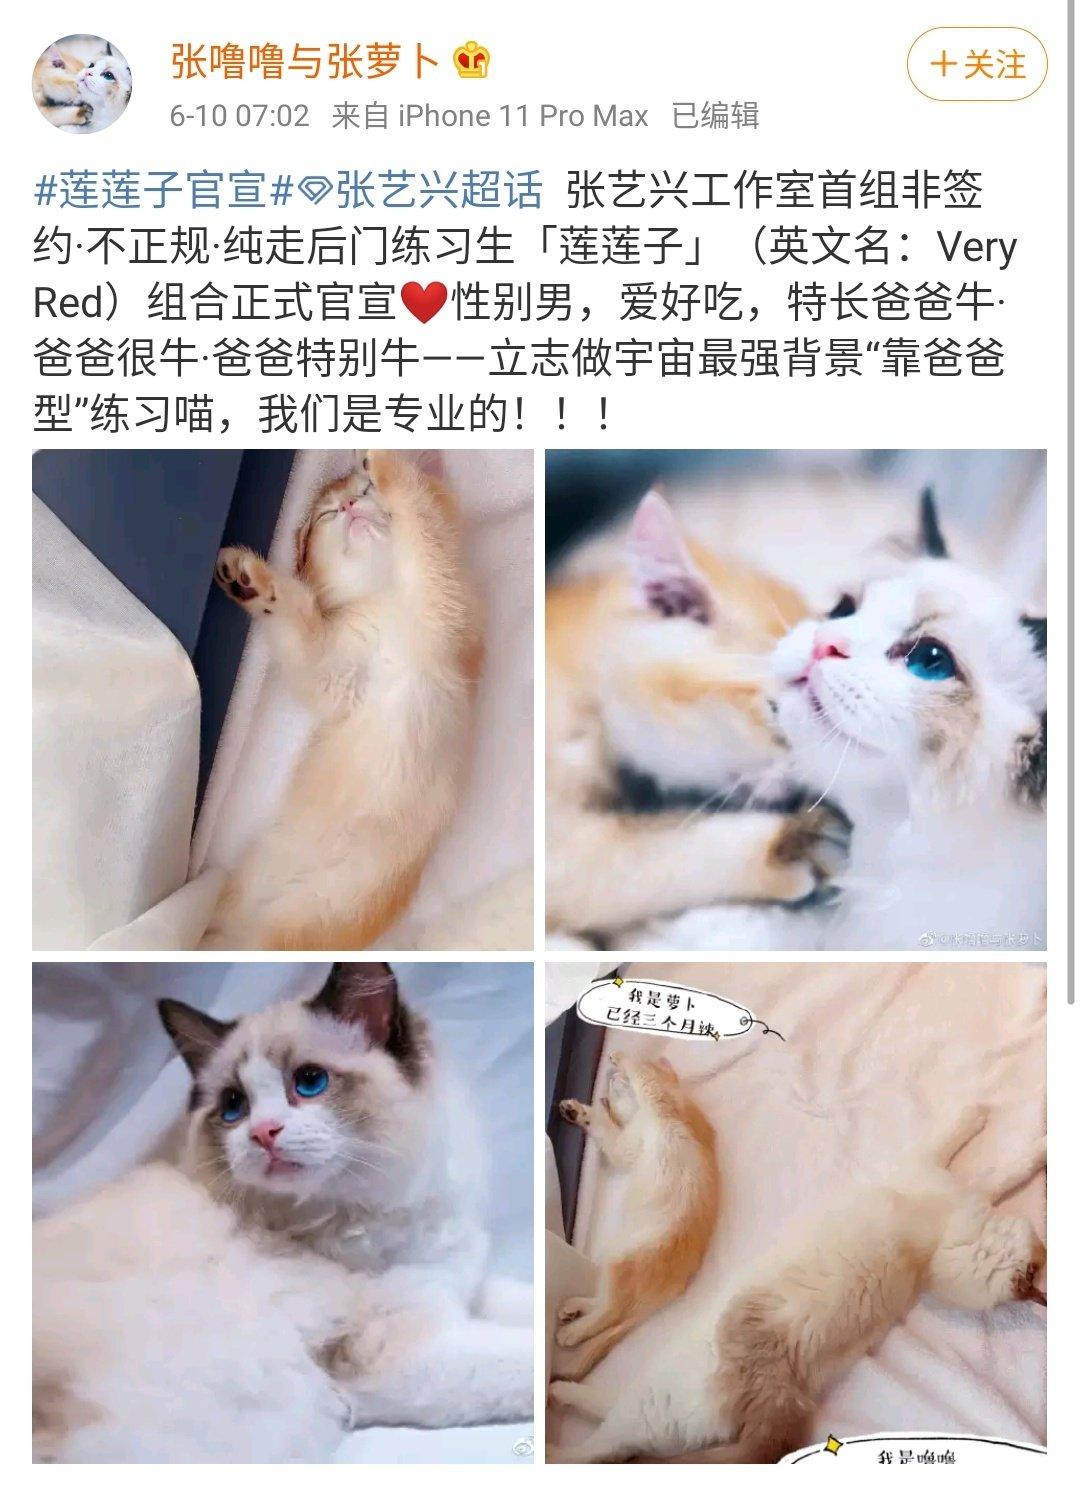 Ë©œë¦¬ì'¬ Ņ Rest در توییتر Lay Studio Membuka Akun Weibo Untuk Kucing Yixing Keluarga Baru Dalam Exo Pet Nama Kucing Pict 3 Adalah Zhang Luobo Berusia 3 Bulan Dan Zhang